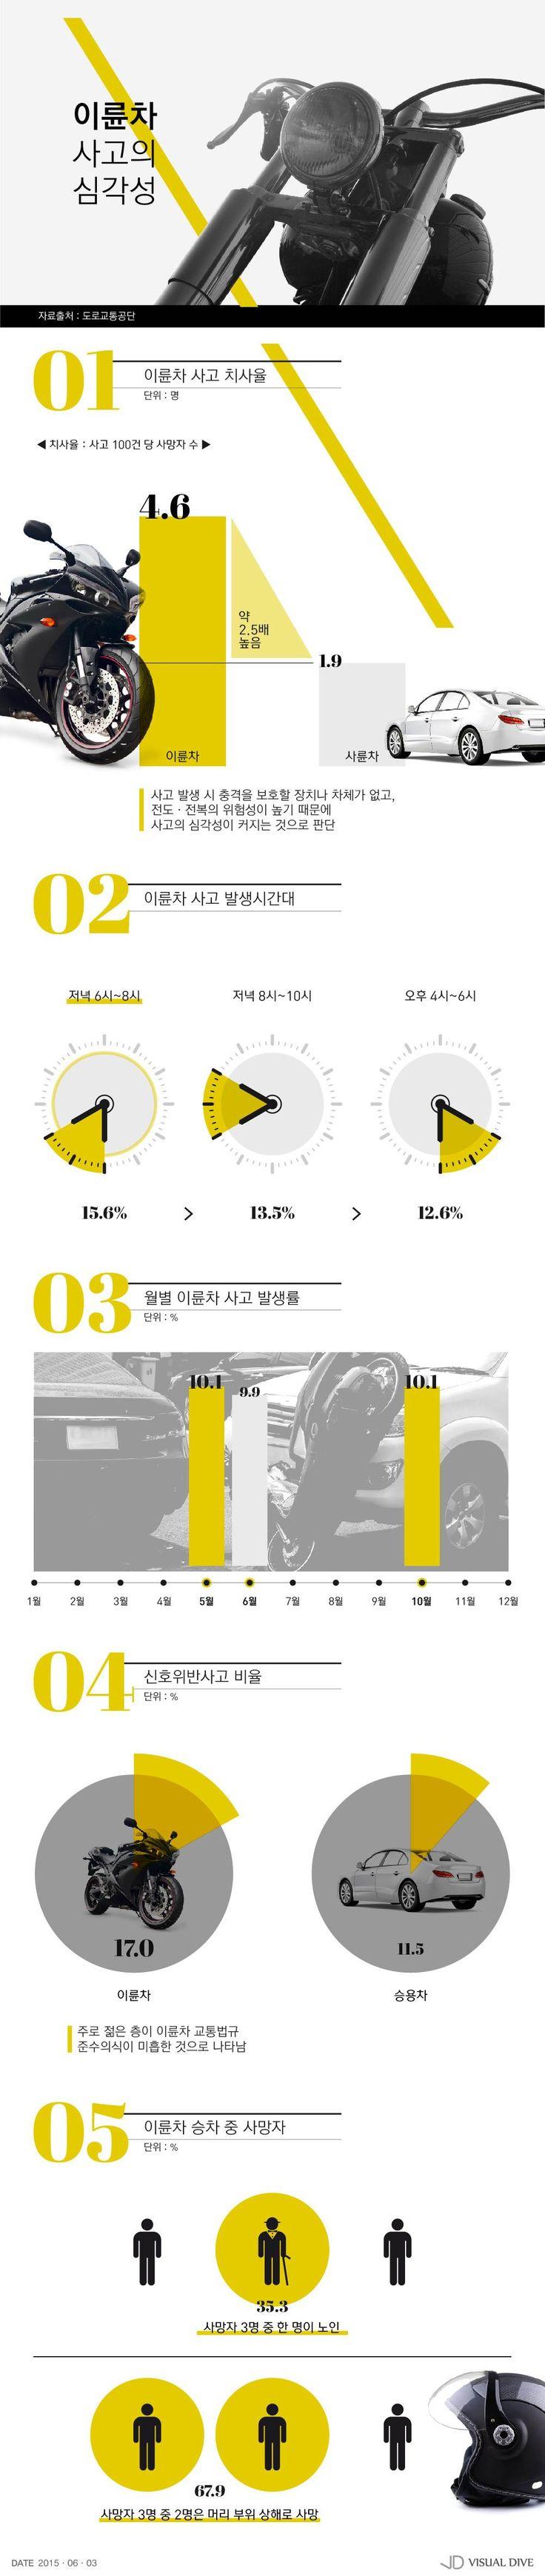 이륜차 사고 치사율 승용차의 2.5배, 신속함 뒤에 숨겨진 위험 [인포그래픽] #Car / #Infographic ⓒ 비주얼다이브 무단 복사·전재·재배포 금지